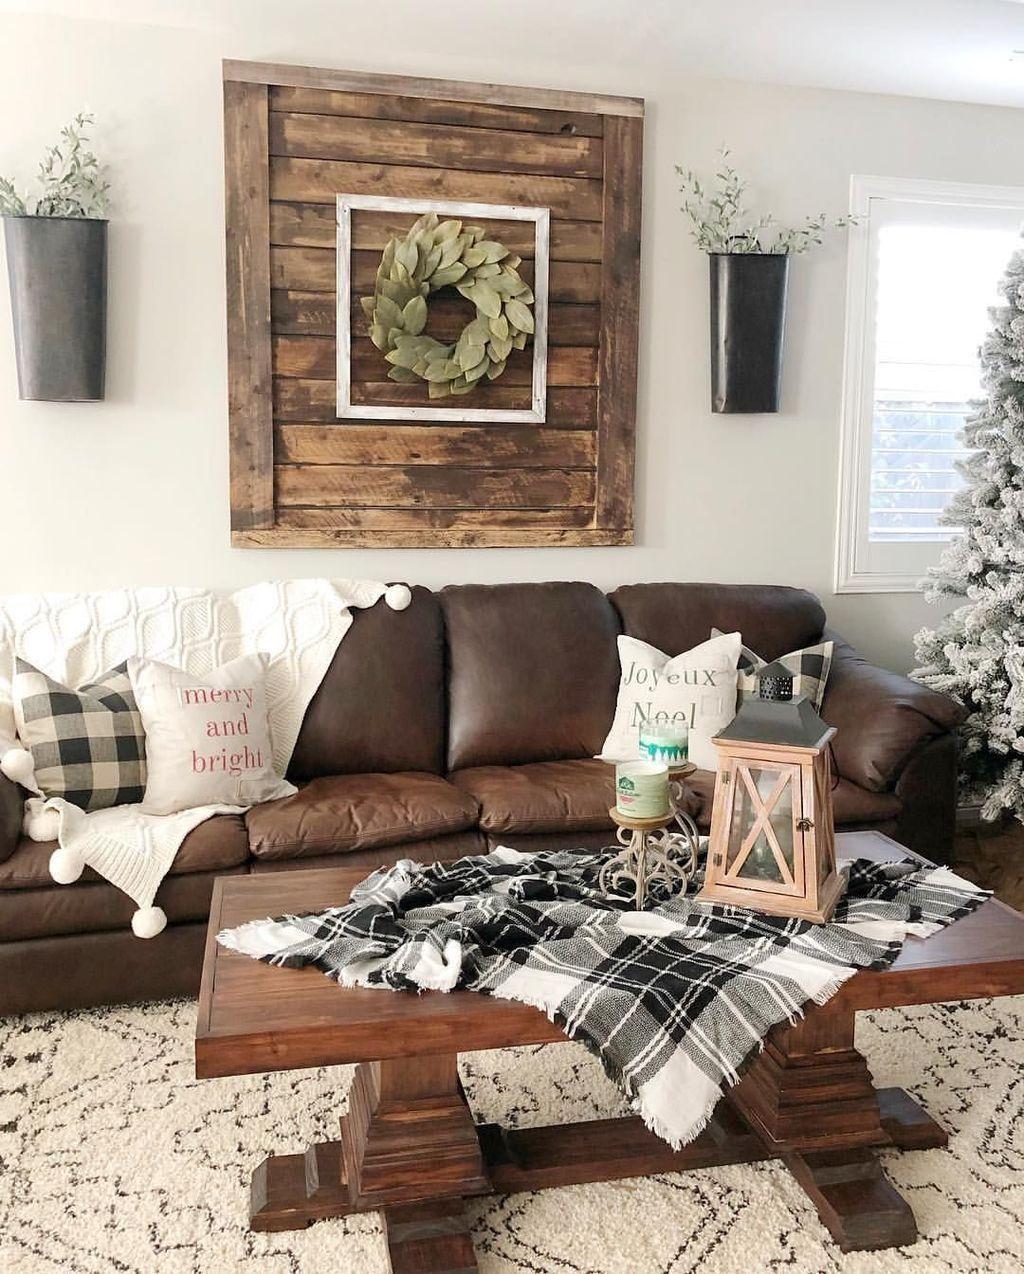 41 Inspiring Rustic Home Decor Living Room Ideas